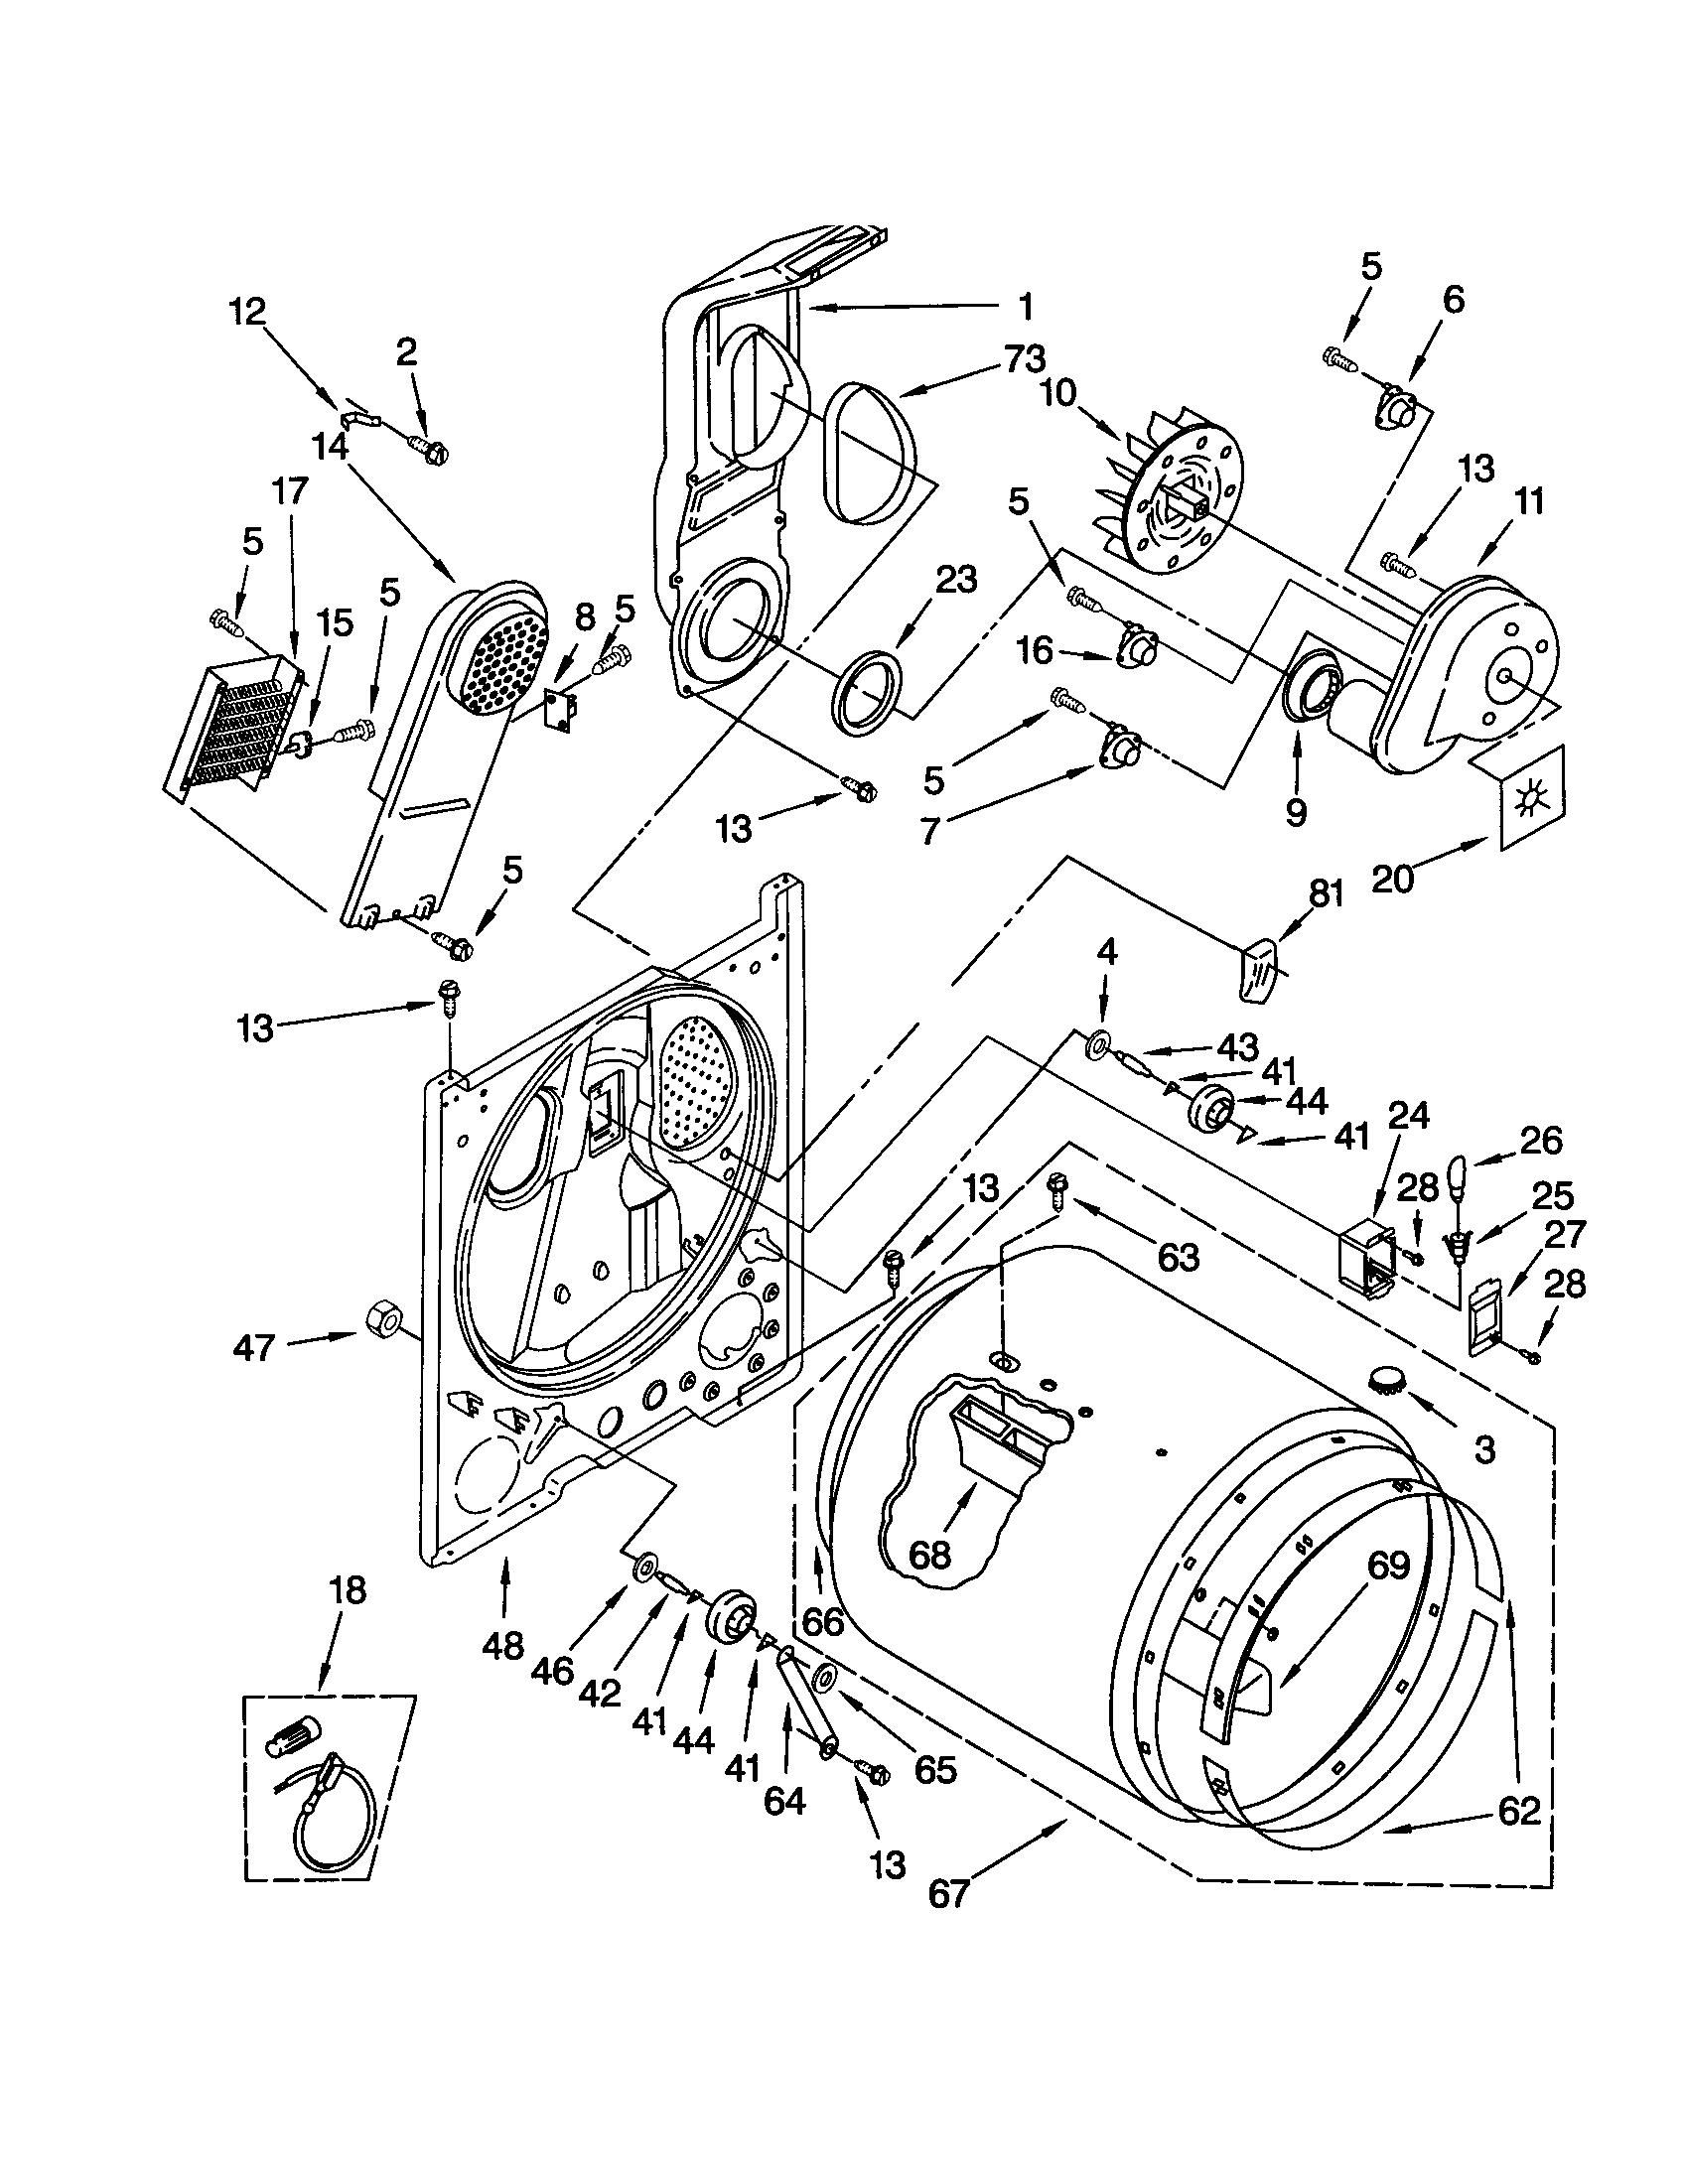 kitchenaid dryer bedradings schema